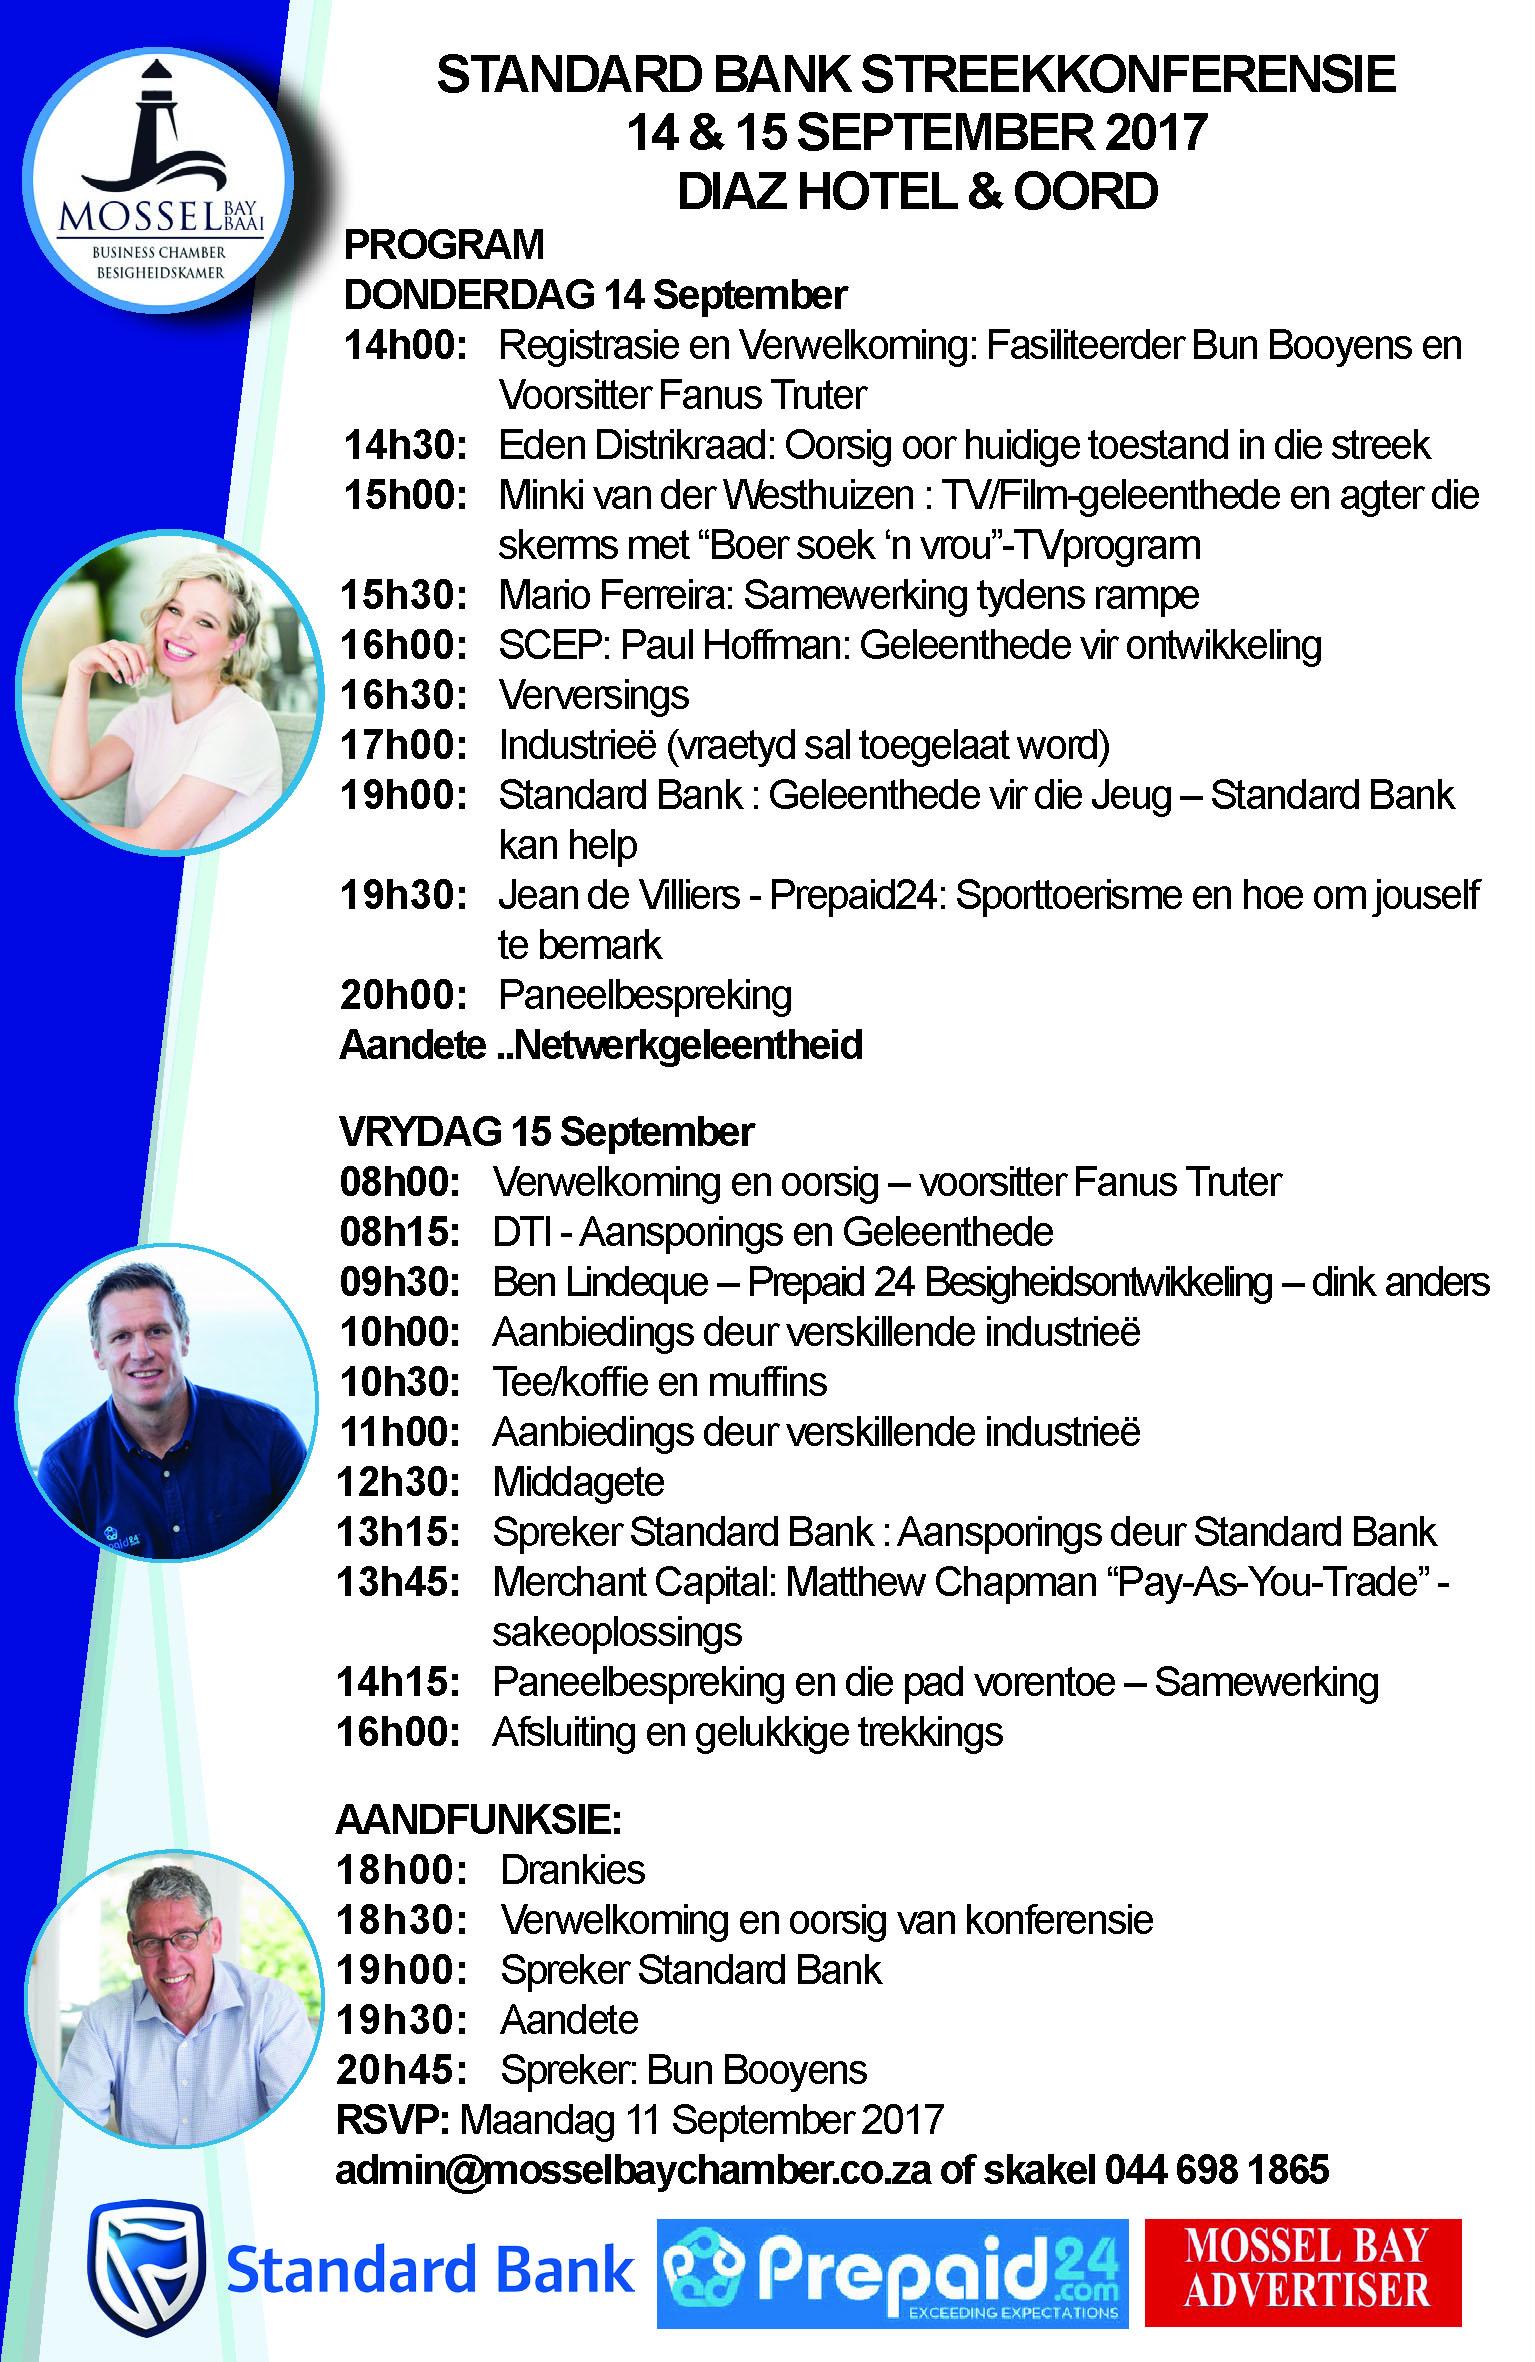 Konferensie - 14&15 Sept 2017 - Program